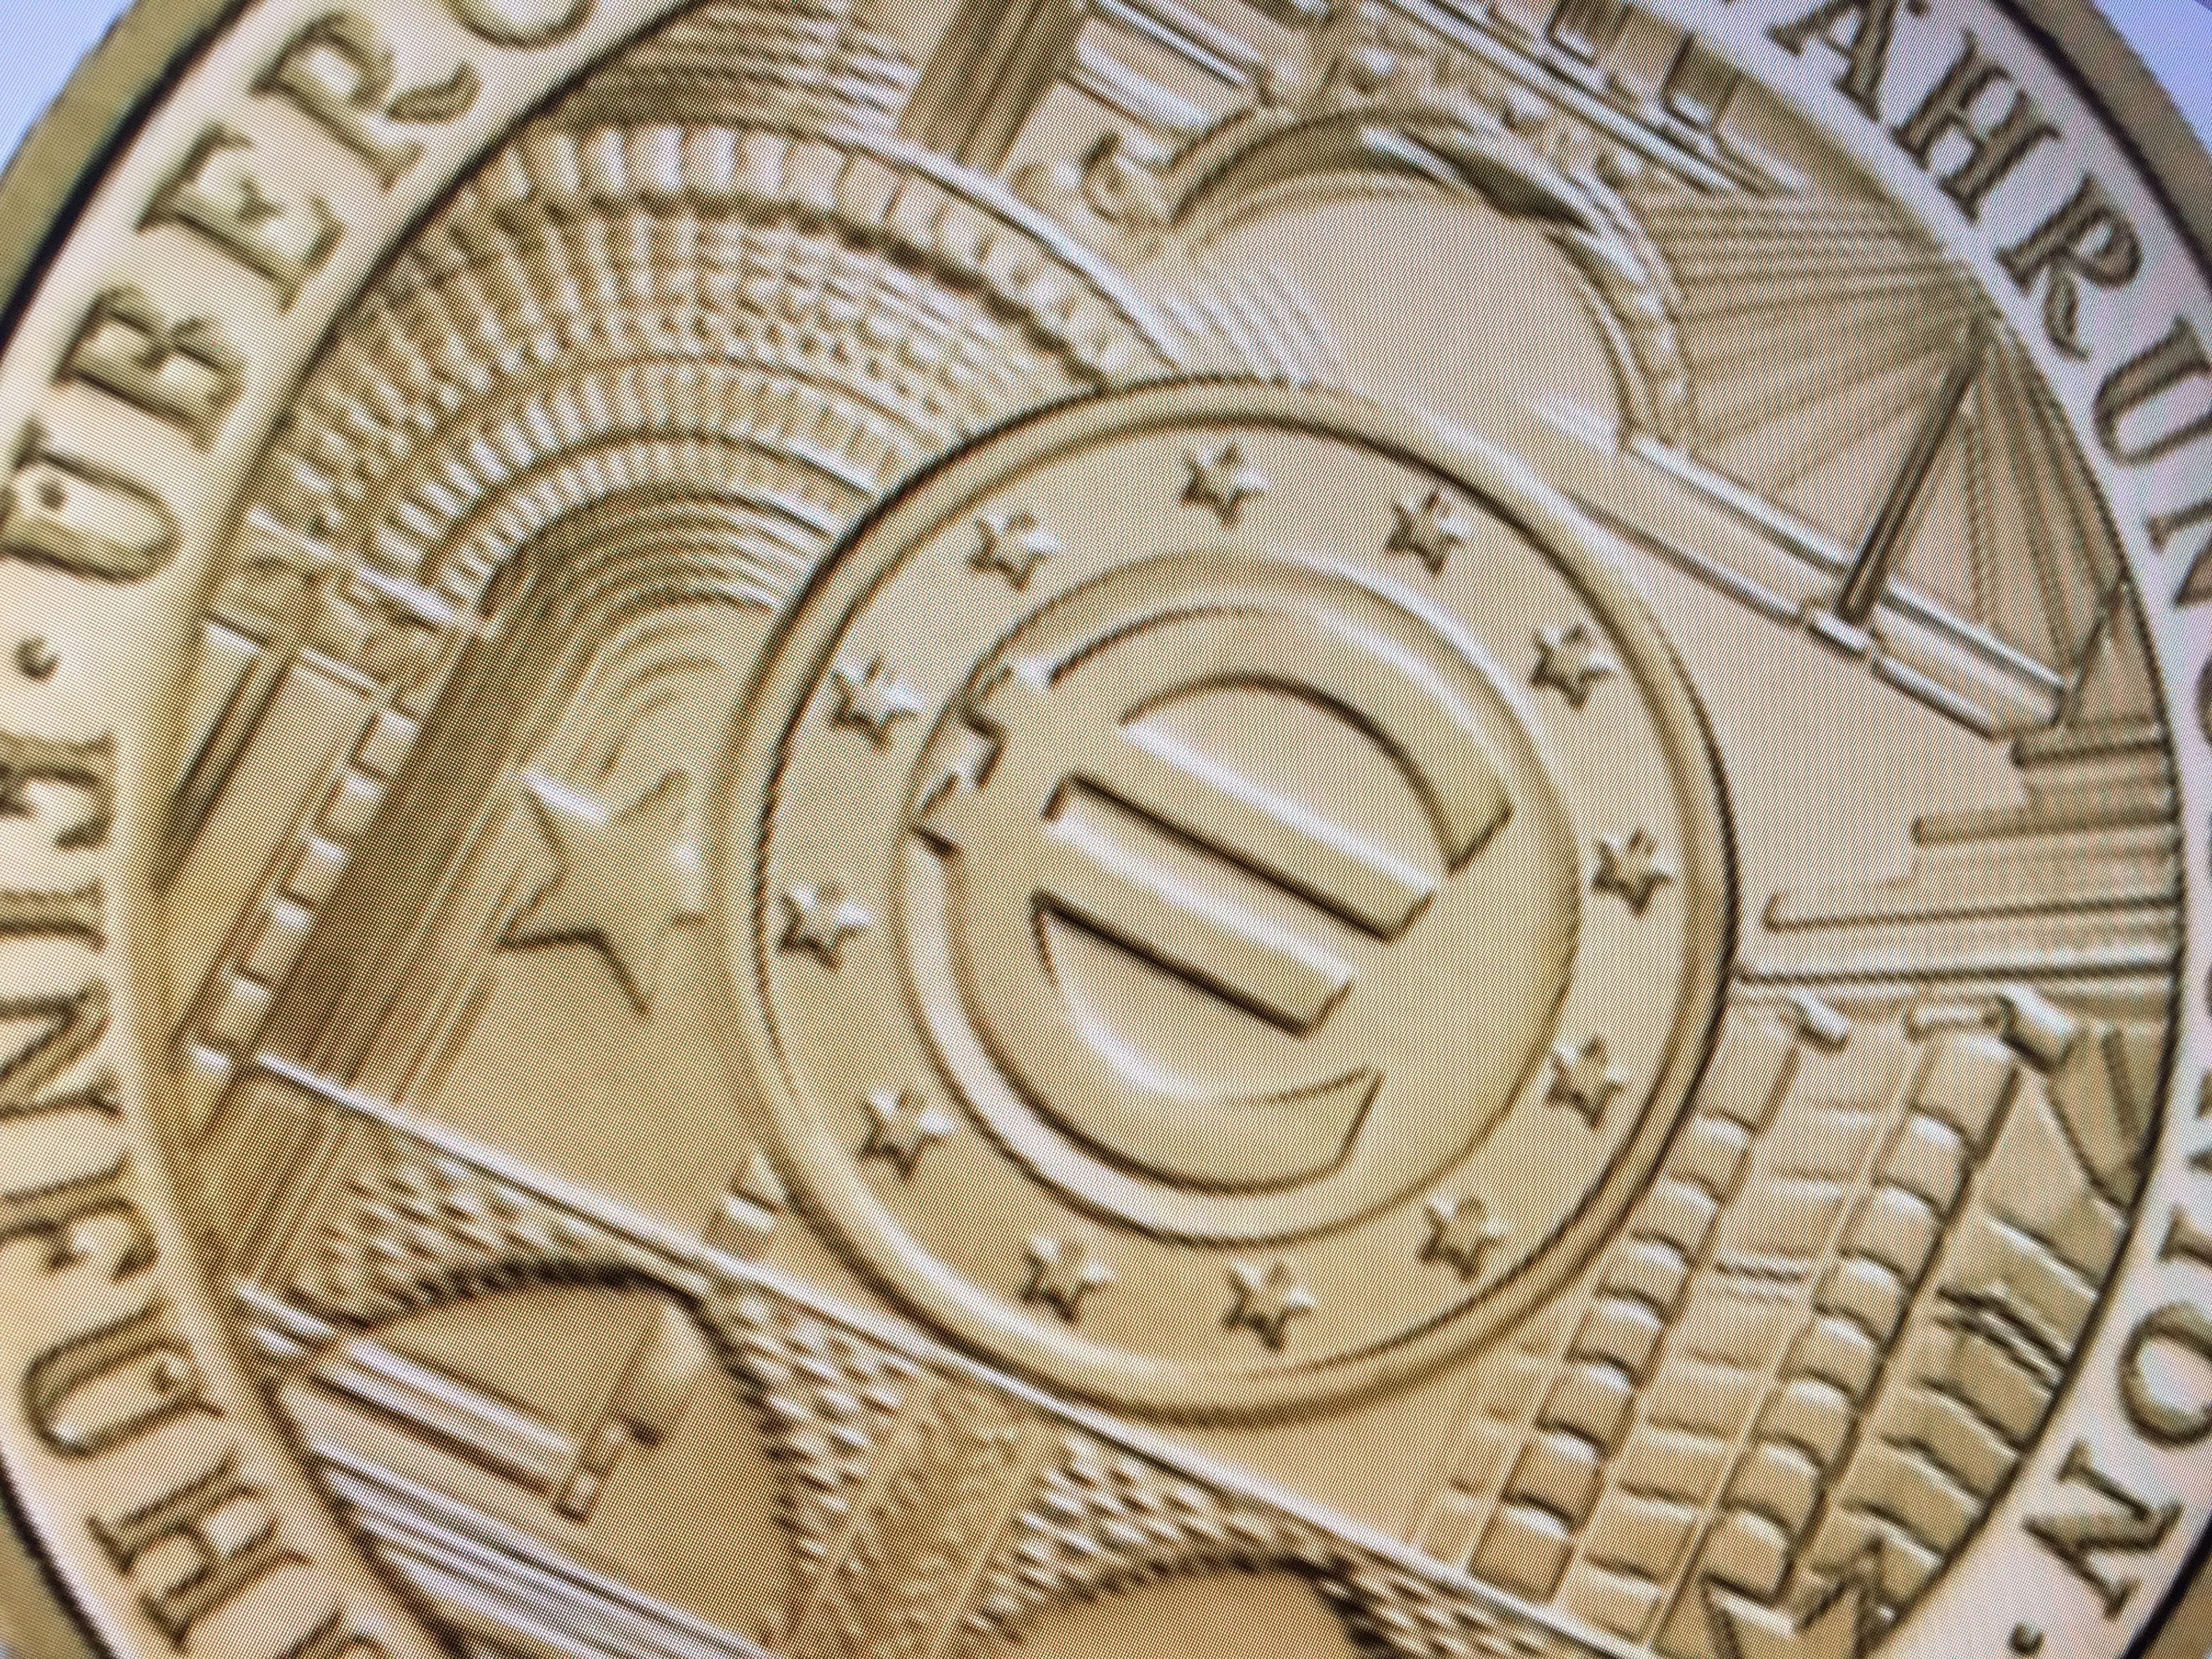 Der Goldeuro soll dem angeschlagenen Euro helfen.